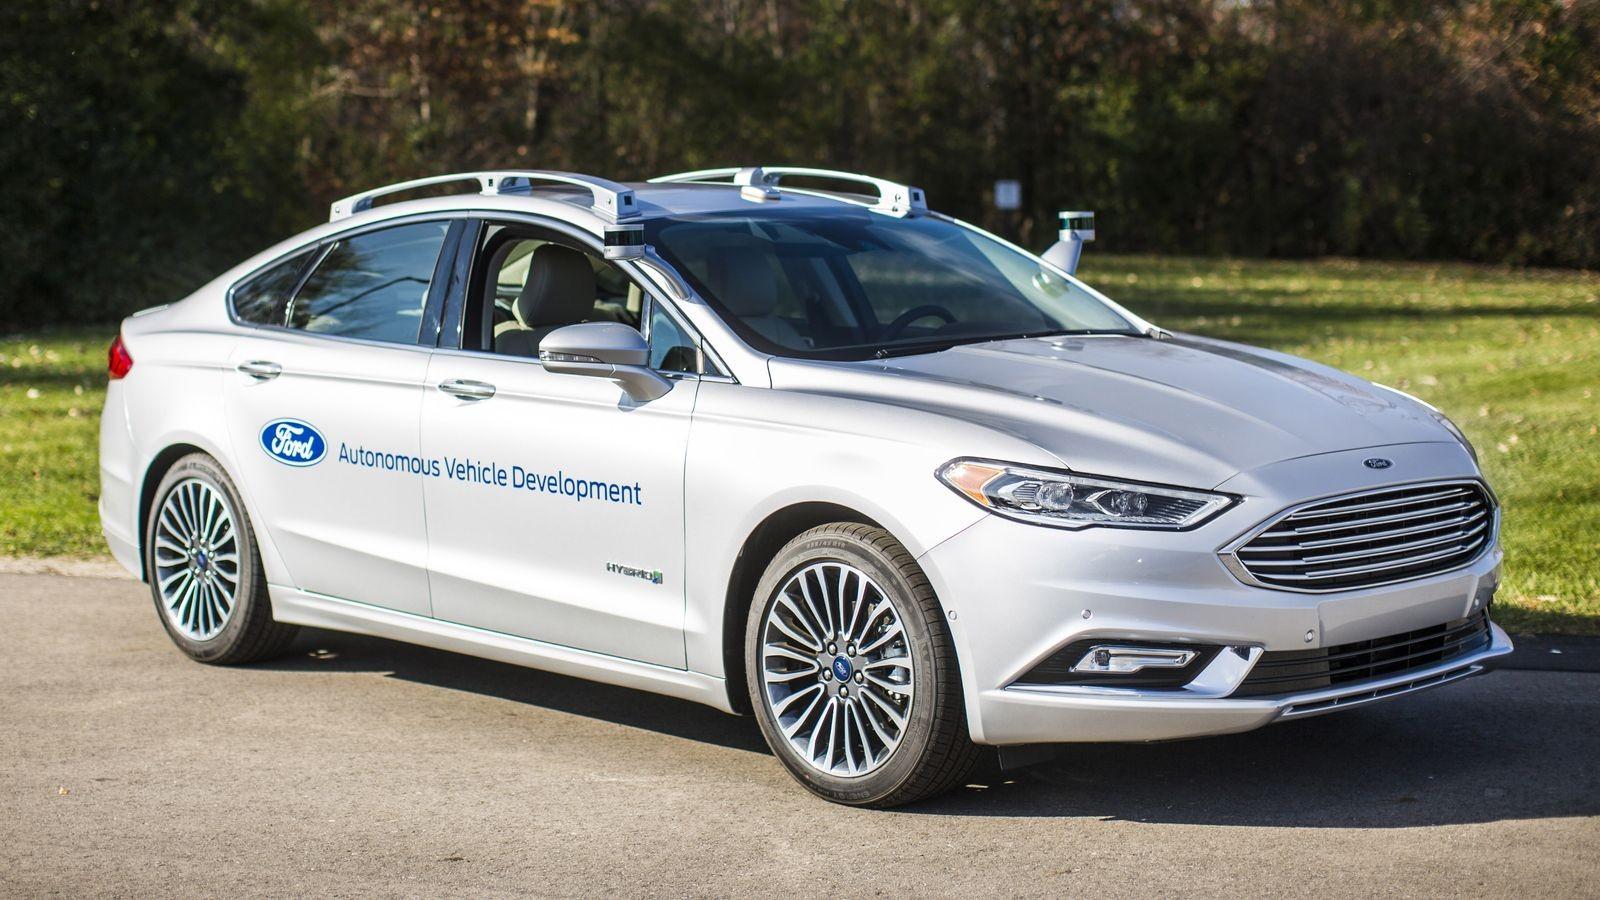 Беспилотные седаны Ford Fusion Hybrid уже несколько лет проходят испытания, но какой будет серийная модель без руля и педалей, пока можно только гадать.